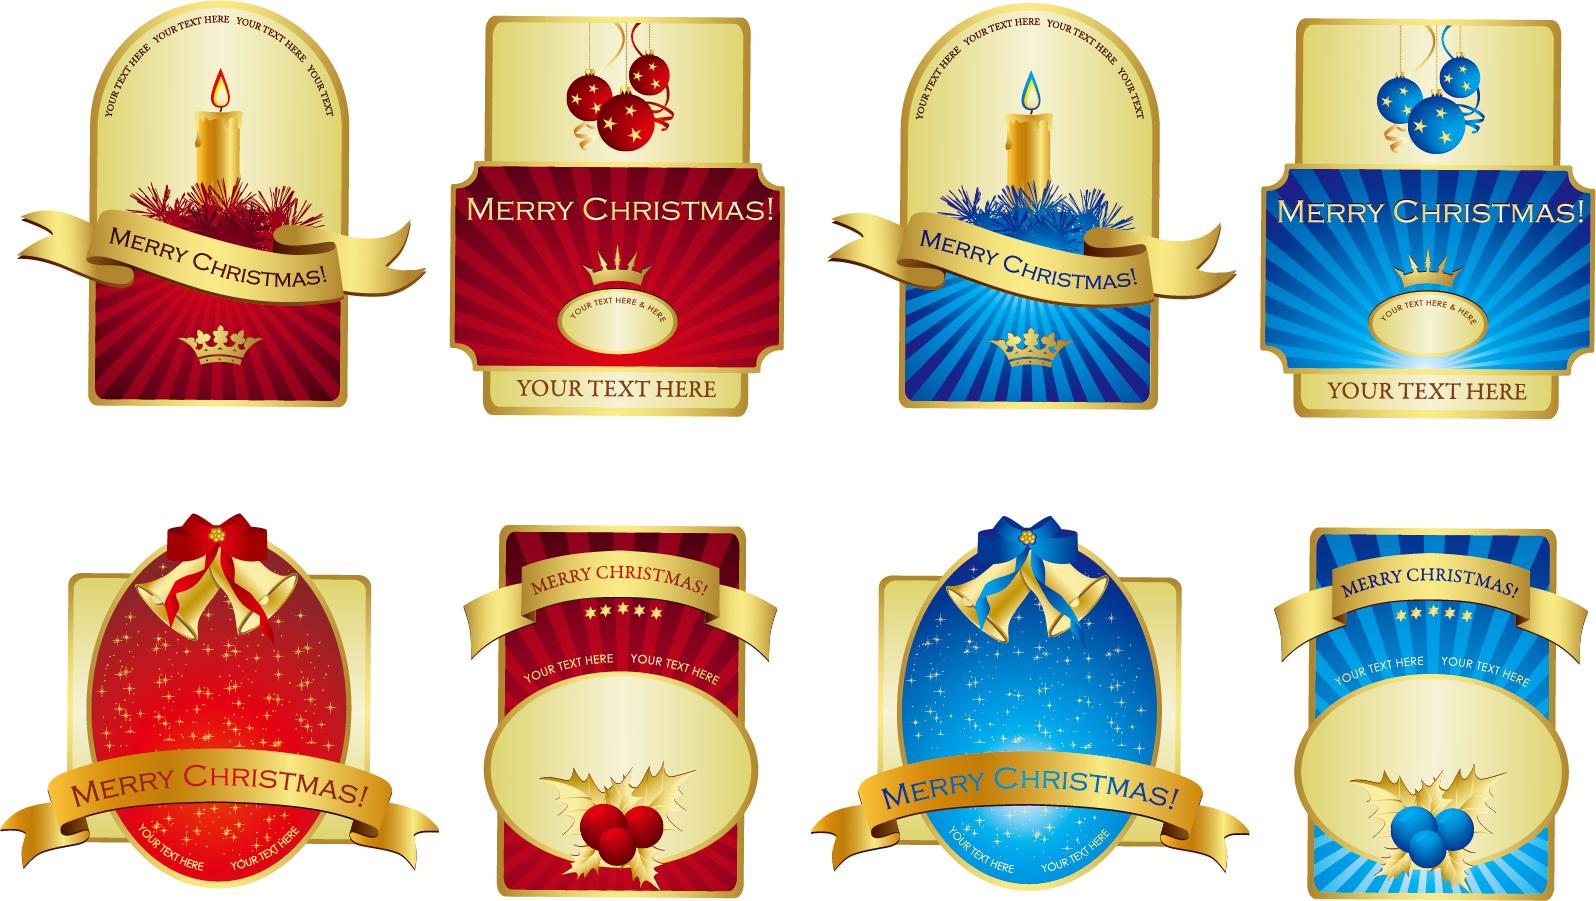 金のリボン飾りが豪華なラベル デザイン gold ribbon shield bottle stickers イラスト素材2